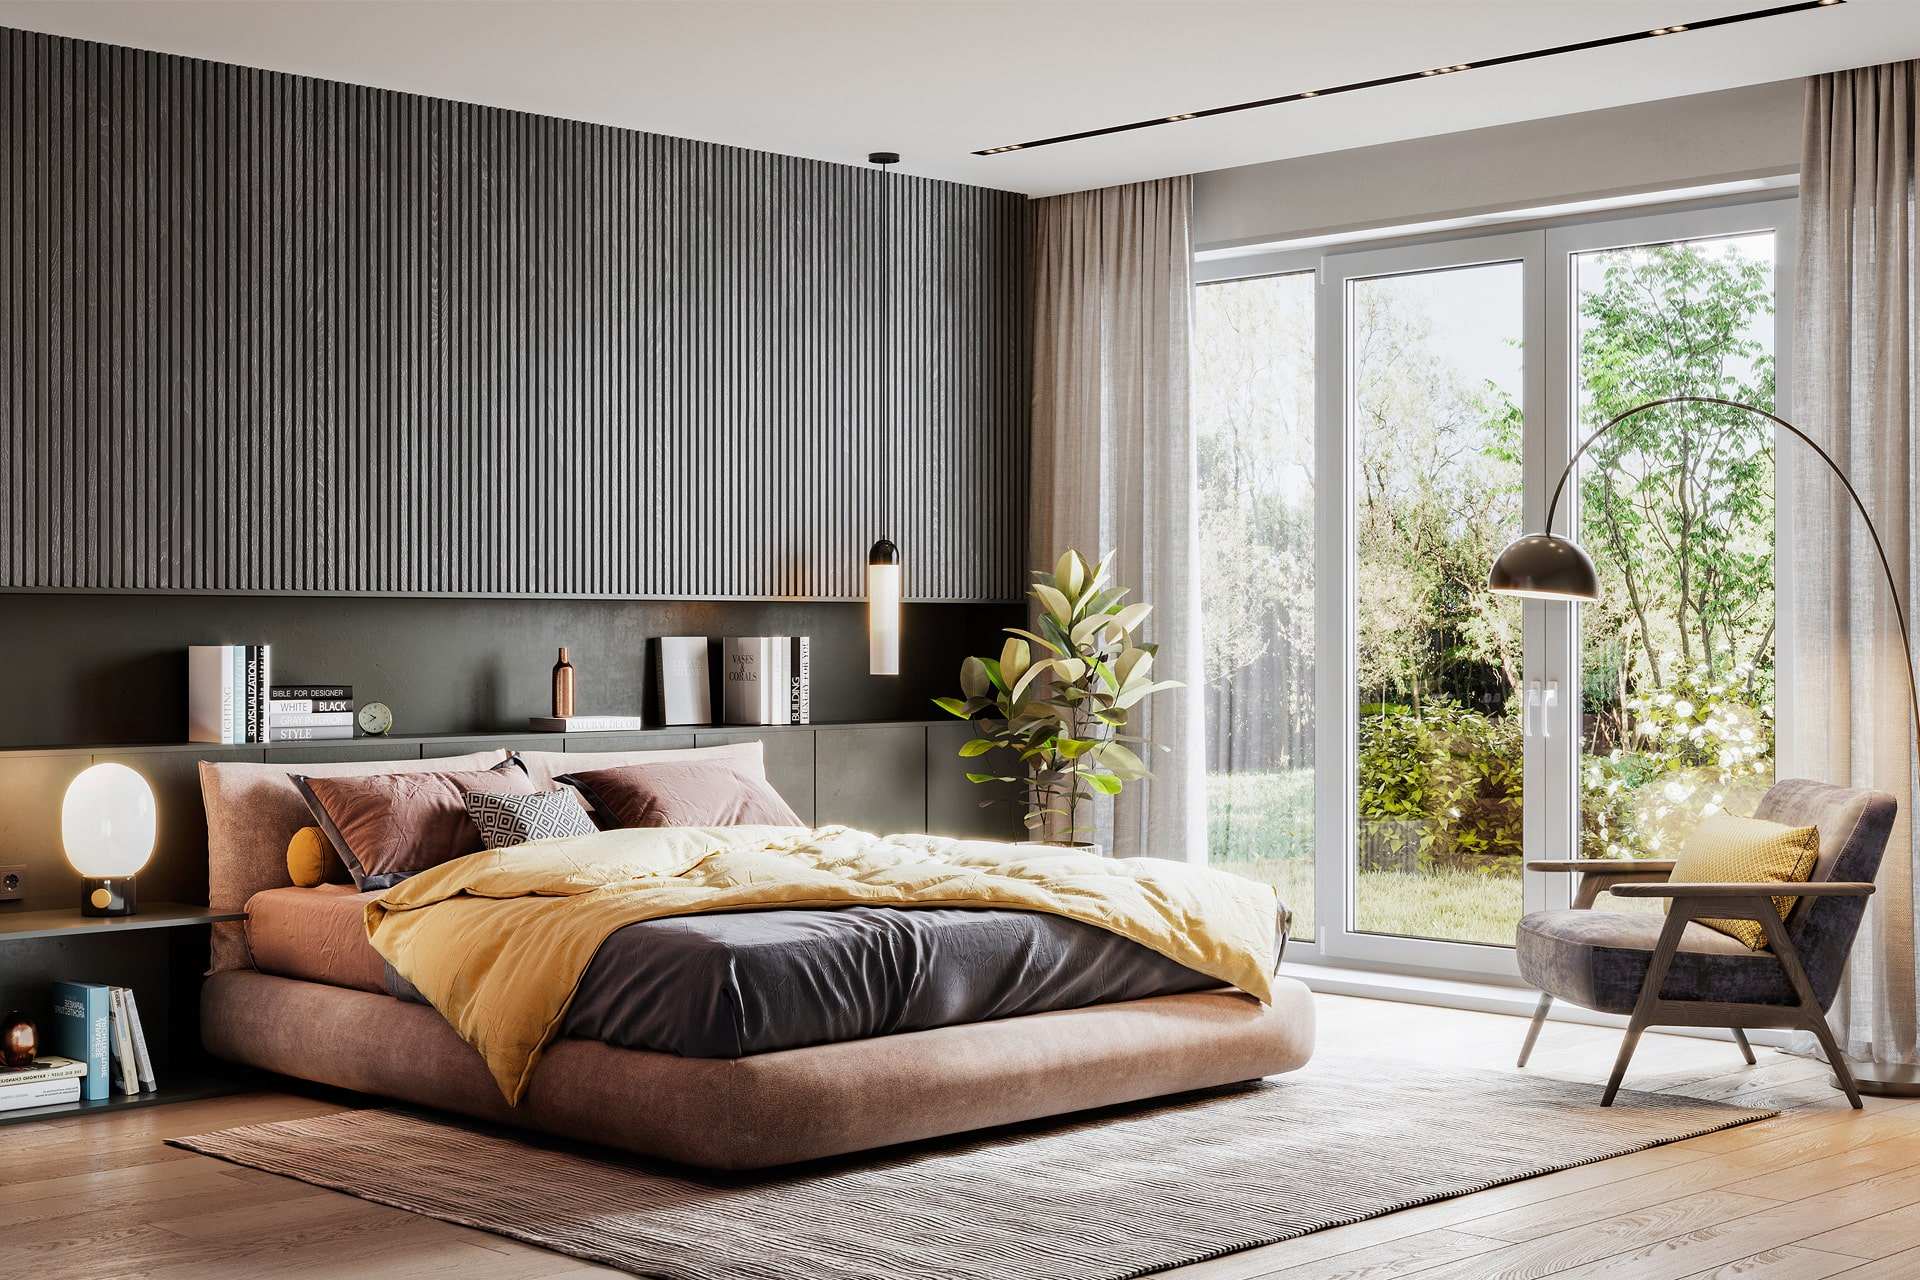 Ylellinen makuuhuone modernilla sisustuksella